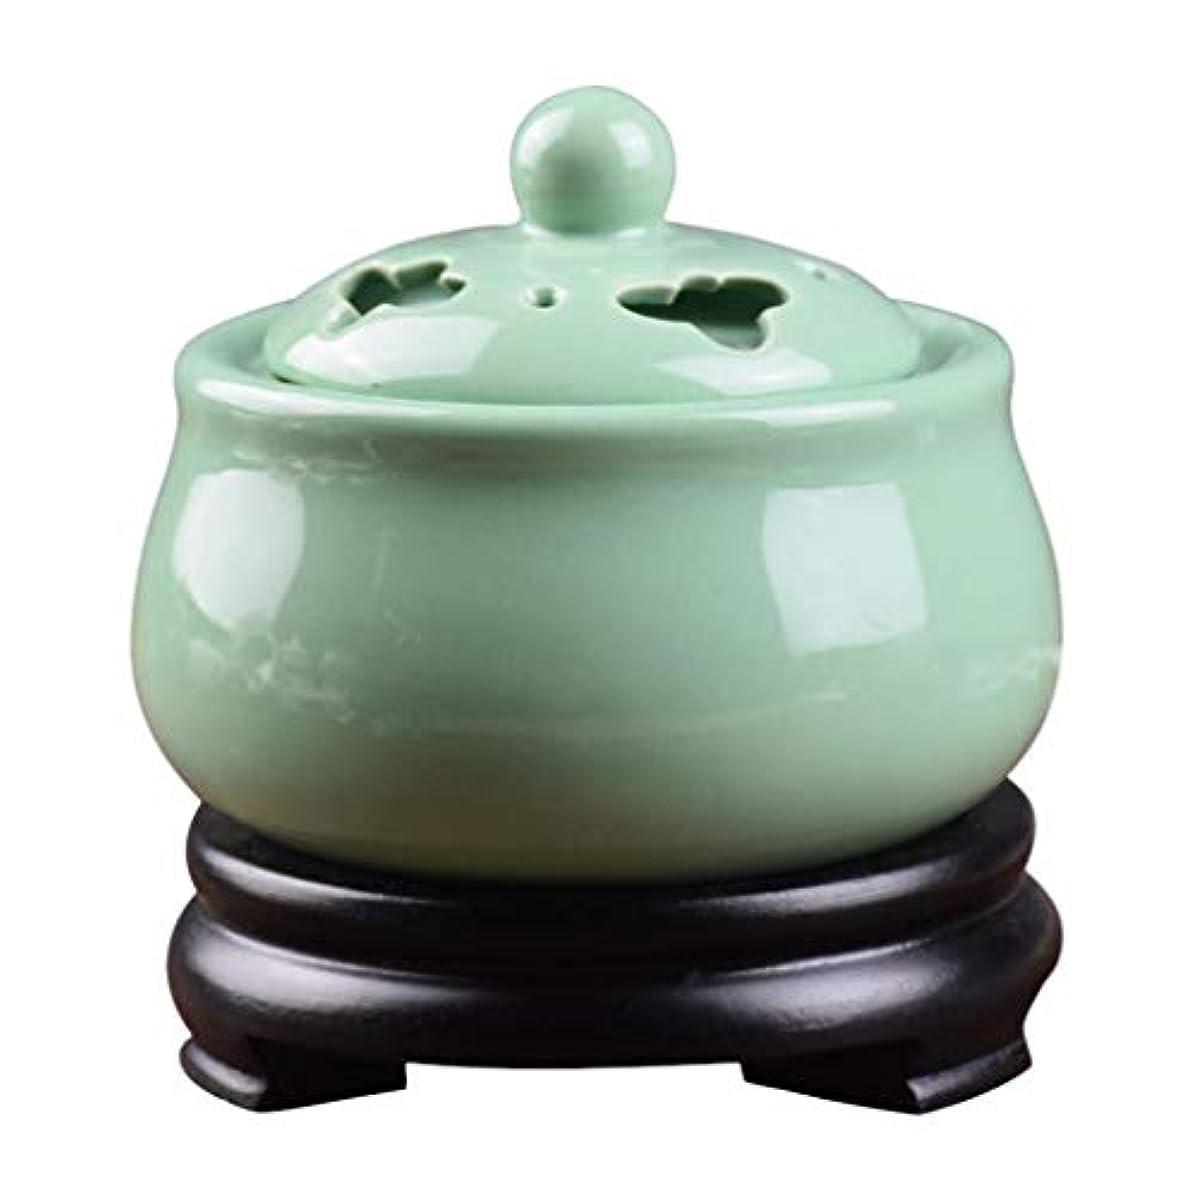 立派な裏切り承認MYTDBD 香炉タイミング温度制御電子セラミックアロマセラピー炉、電気ディフューザー (Color : Green)